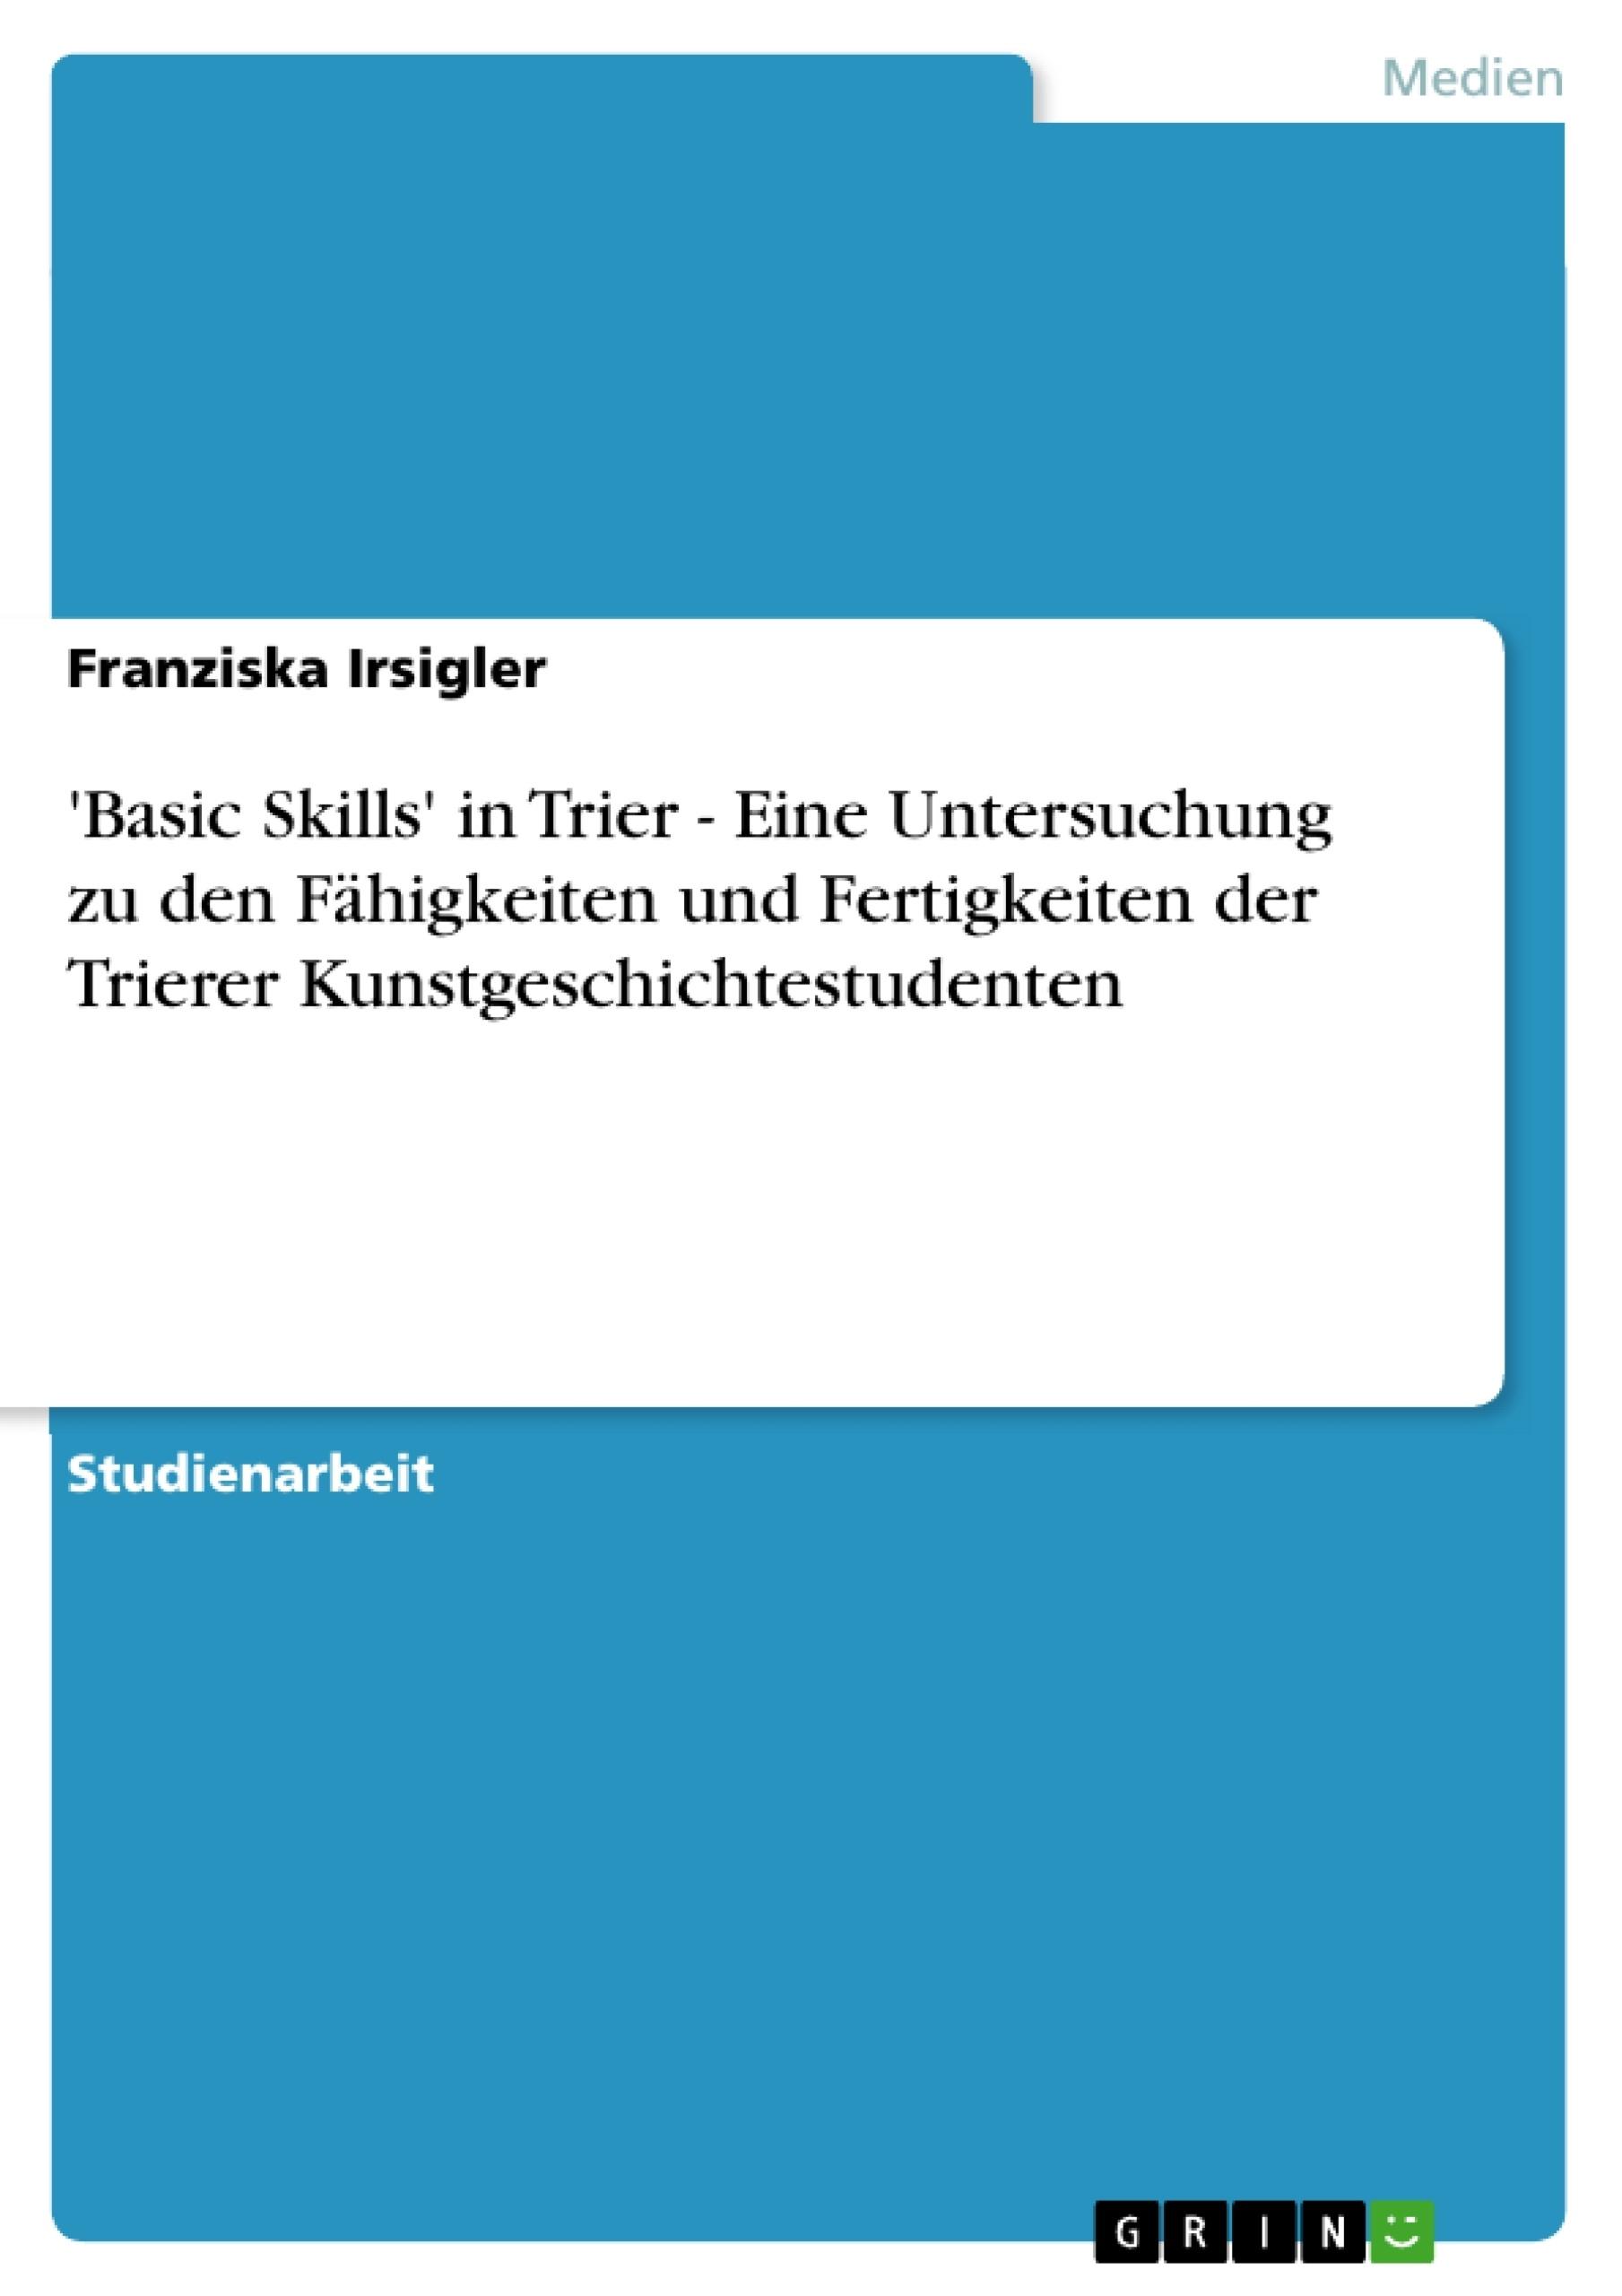 Titel: 'Basic Skills' in Trier - Eine Untersuchung zu den Fähigkeiten und Fertigkeiten der Trierer Kunstgeschichtestudenten